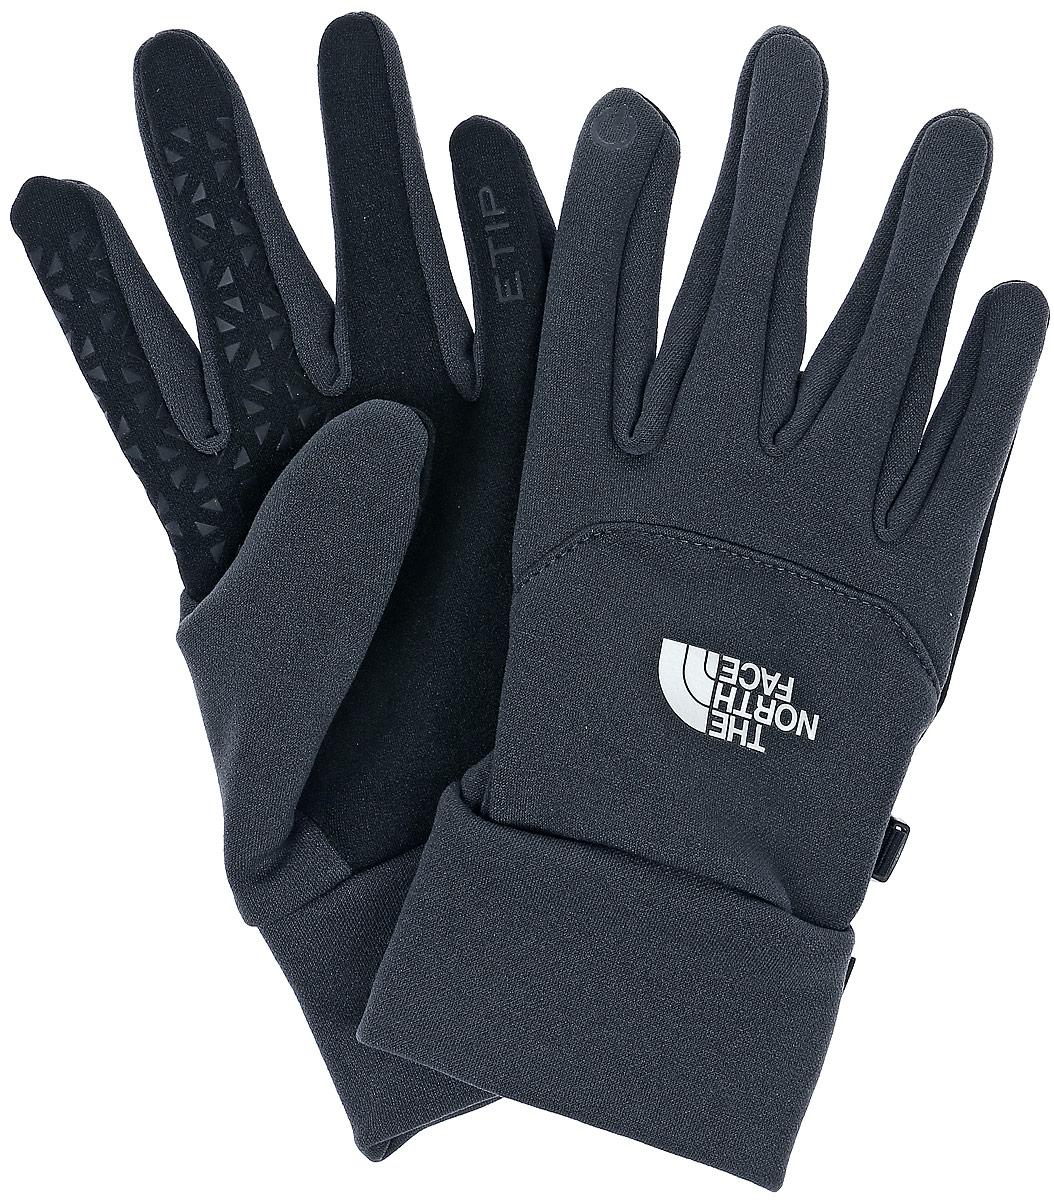 ПерчаткиT0A7LNJK3Универсальные перчатки The North Face Etip Glove с возможностью работы с тачскрином выполнены из тянущегося в четырех направлениях материала с флисовой изнанкой. Системы Radiametric Articulation и 5 Dimensional Fit обеспечивают естественное положение кисти и чувствительность. Силиконовые накладки на ладонях предназначены для наилучшего сцепления с лыжными палками, рулем велосипеда или ледорубом. Технология U|R проводит импульс, позволяя работать с экраном смартфона всеми пятью пальцами. Модель с широкими эластичными манжетами. При помощи пластикового карабина перчатки скрепляются между собой.